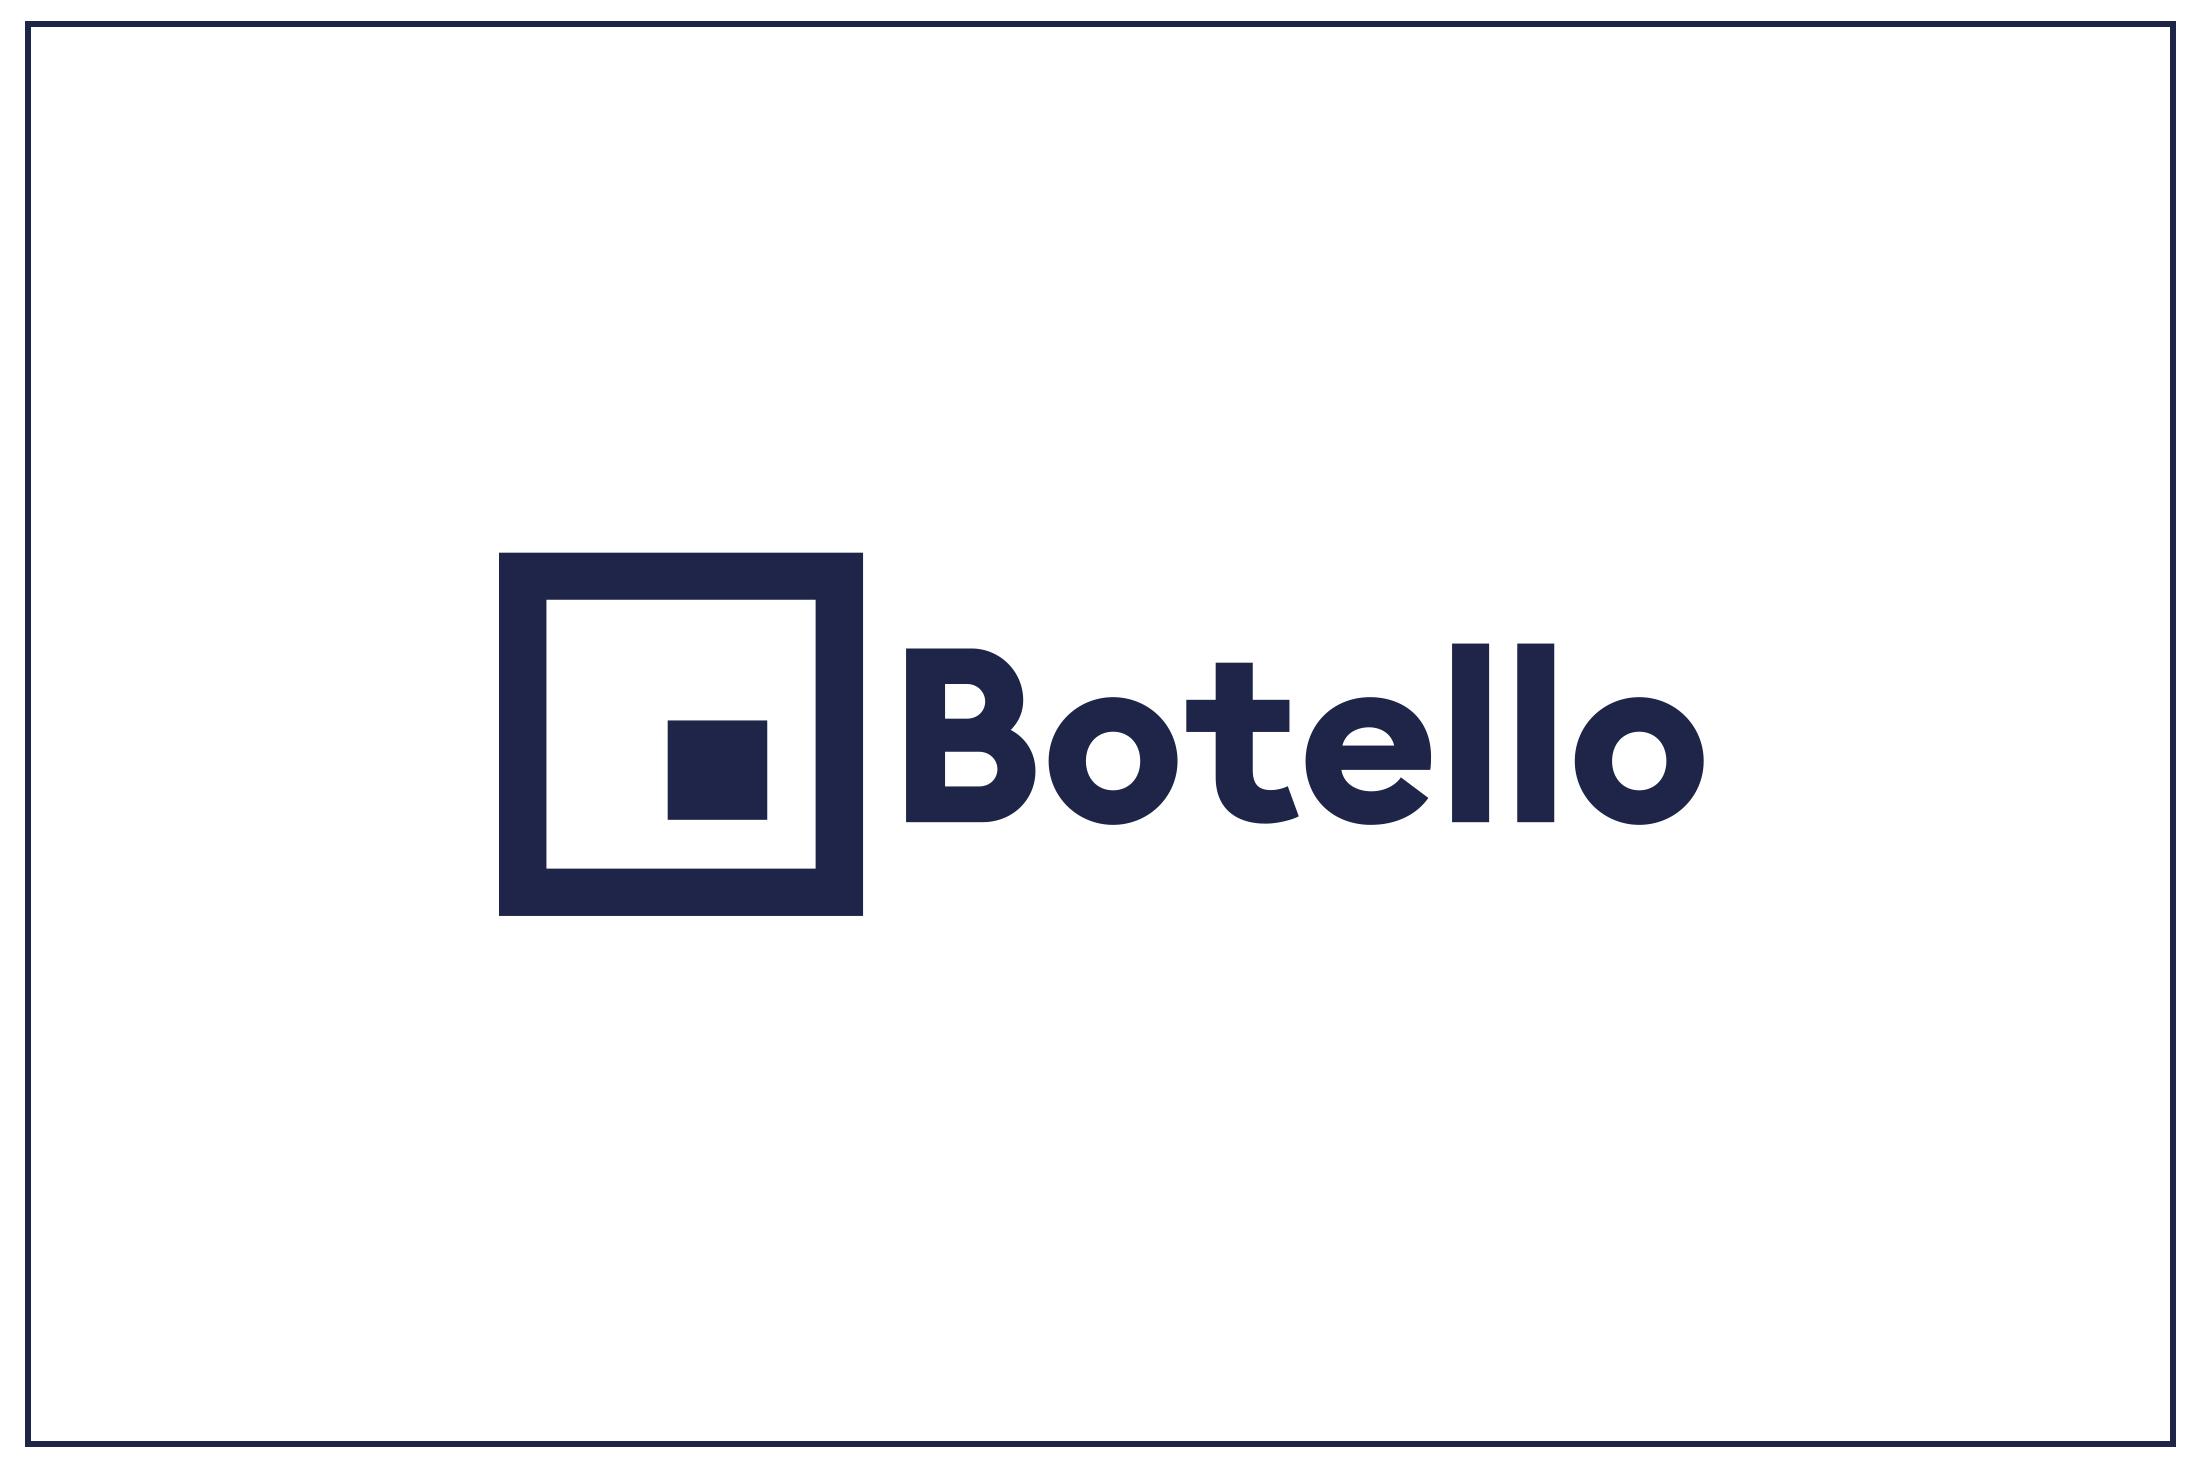 Botello logo 2